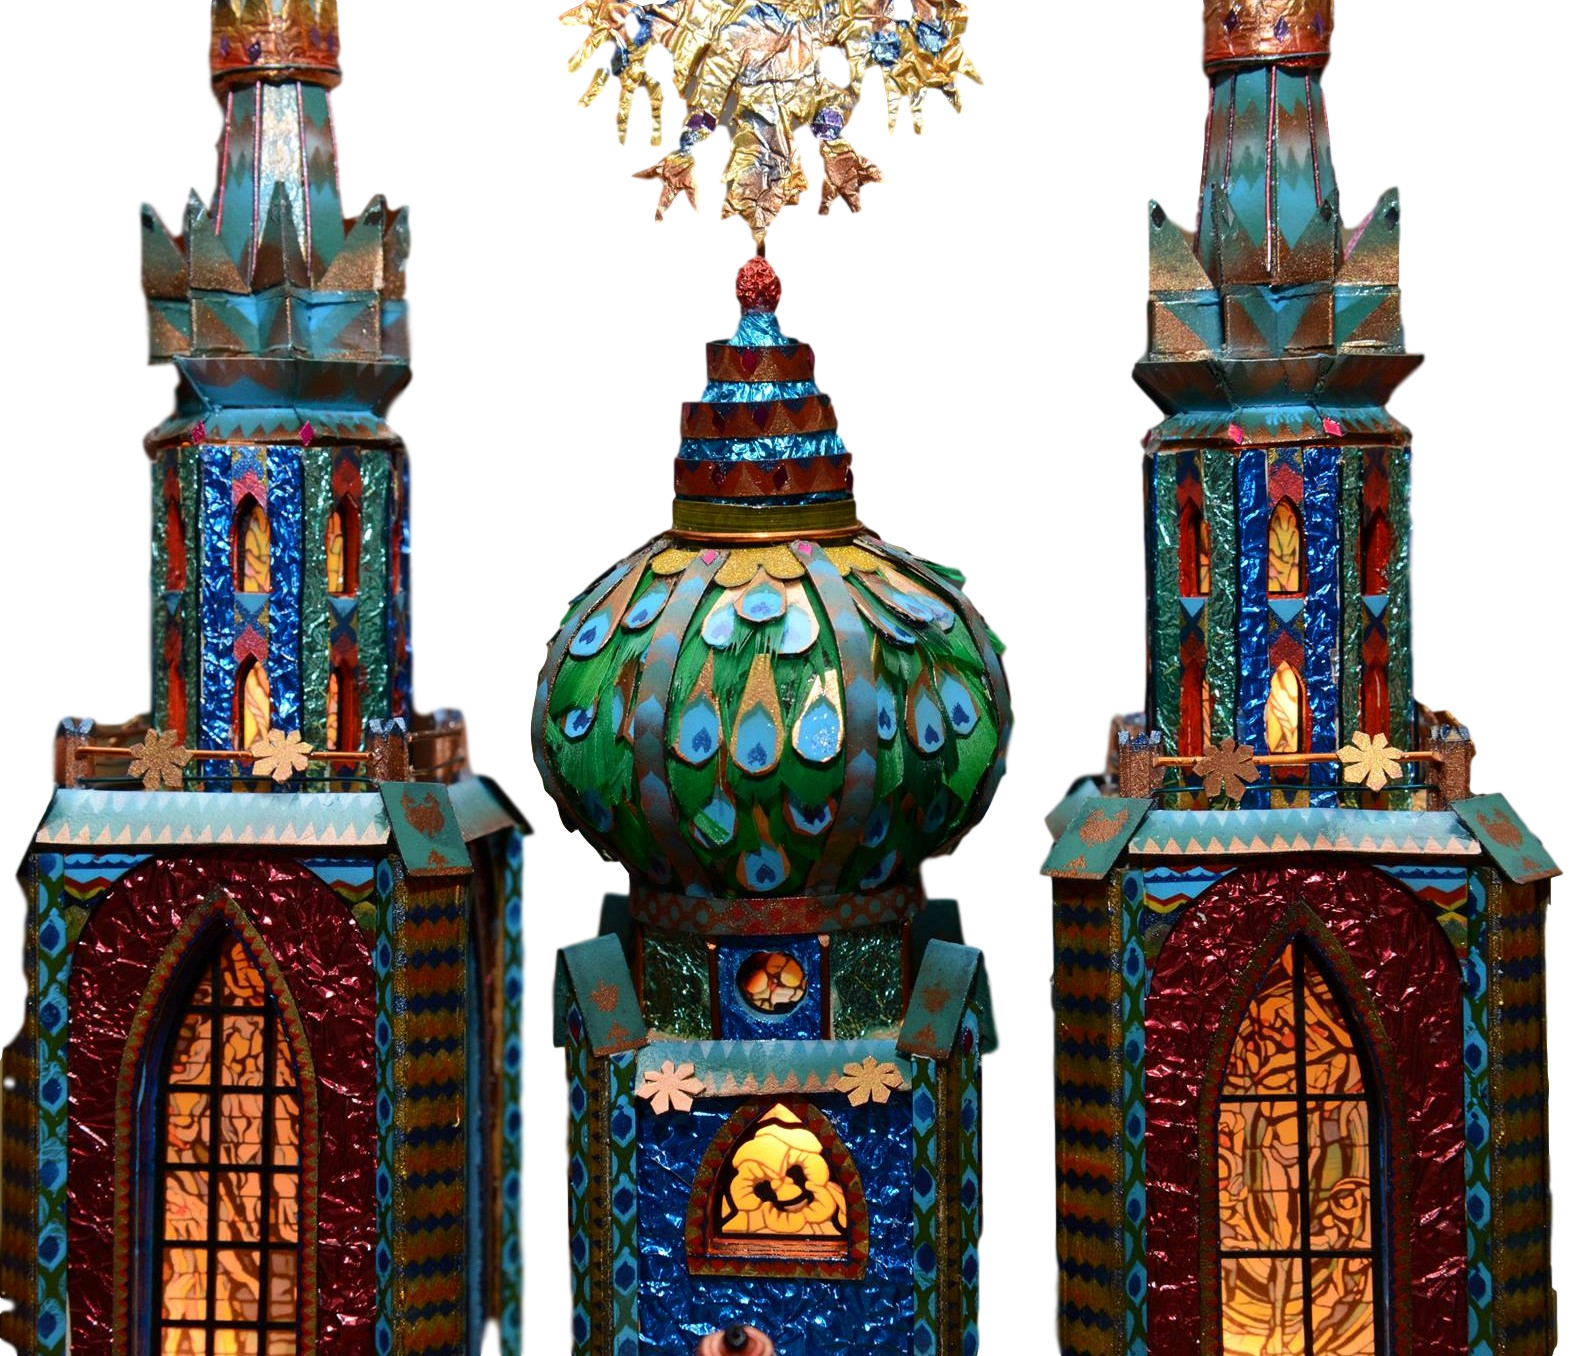 Wyspainski szopka from Krakow Nativities competition